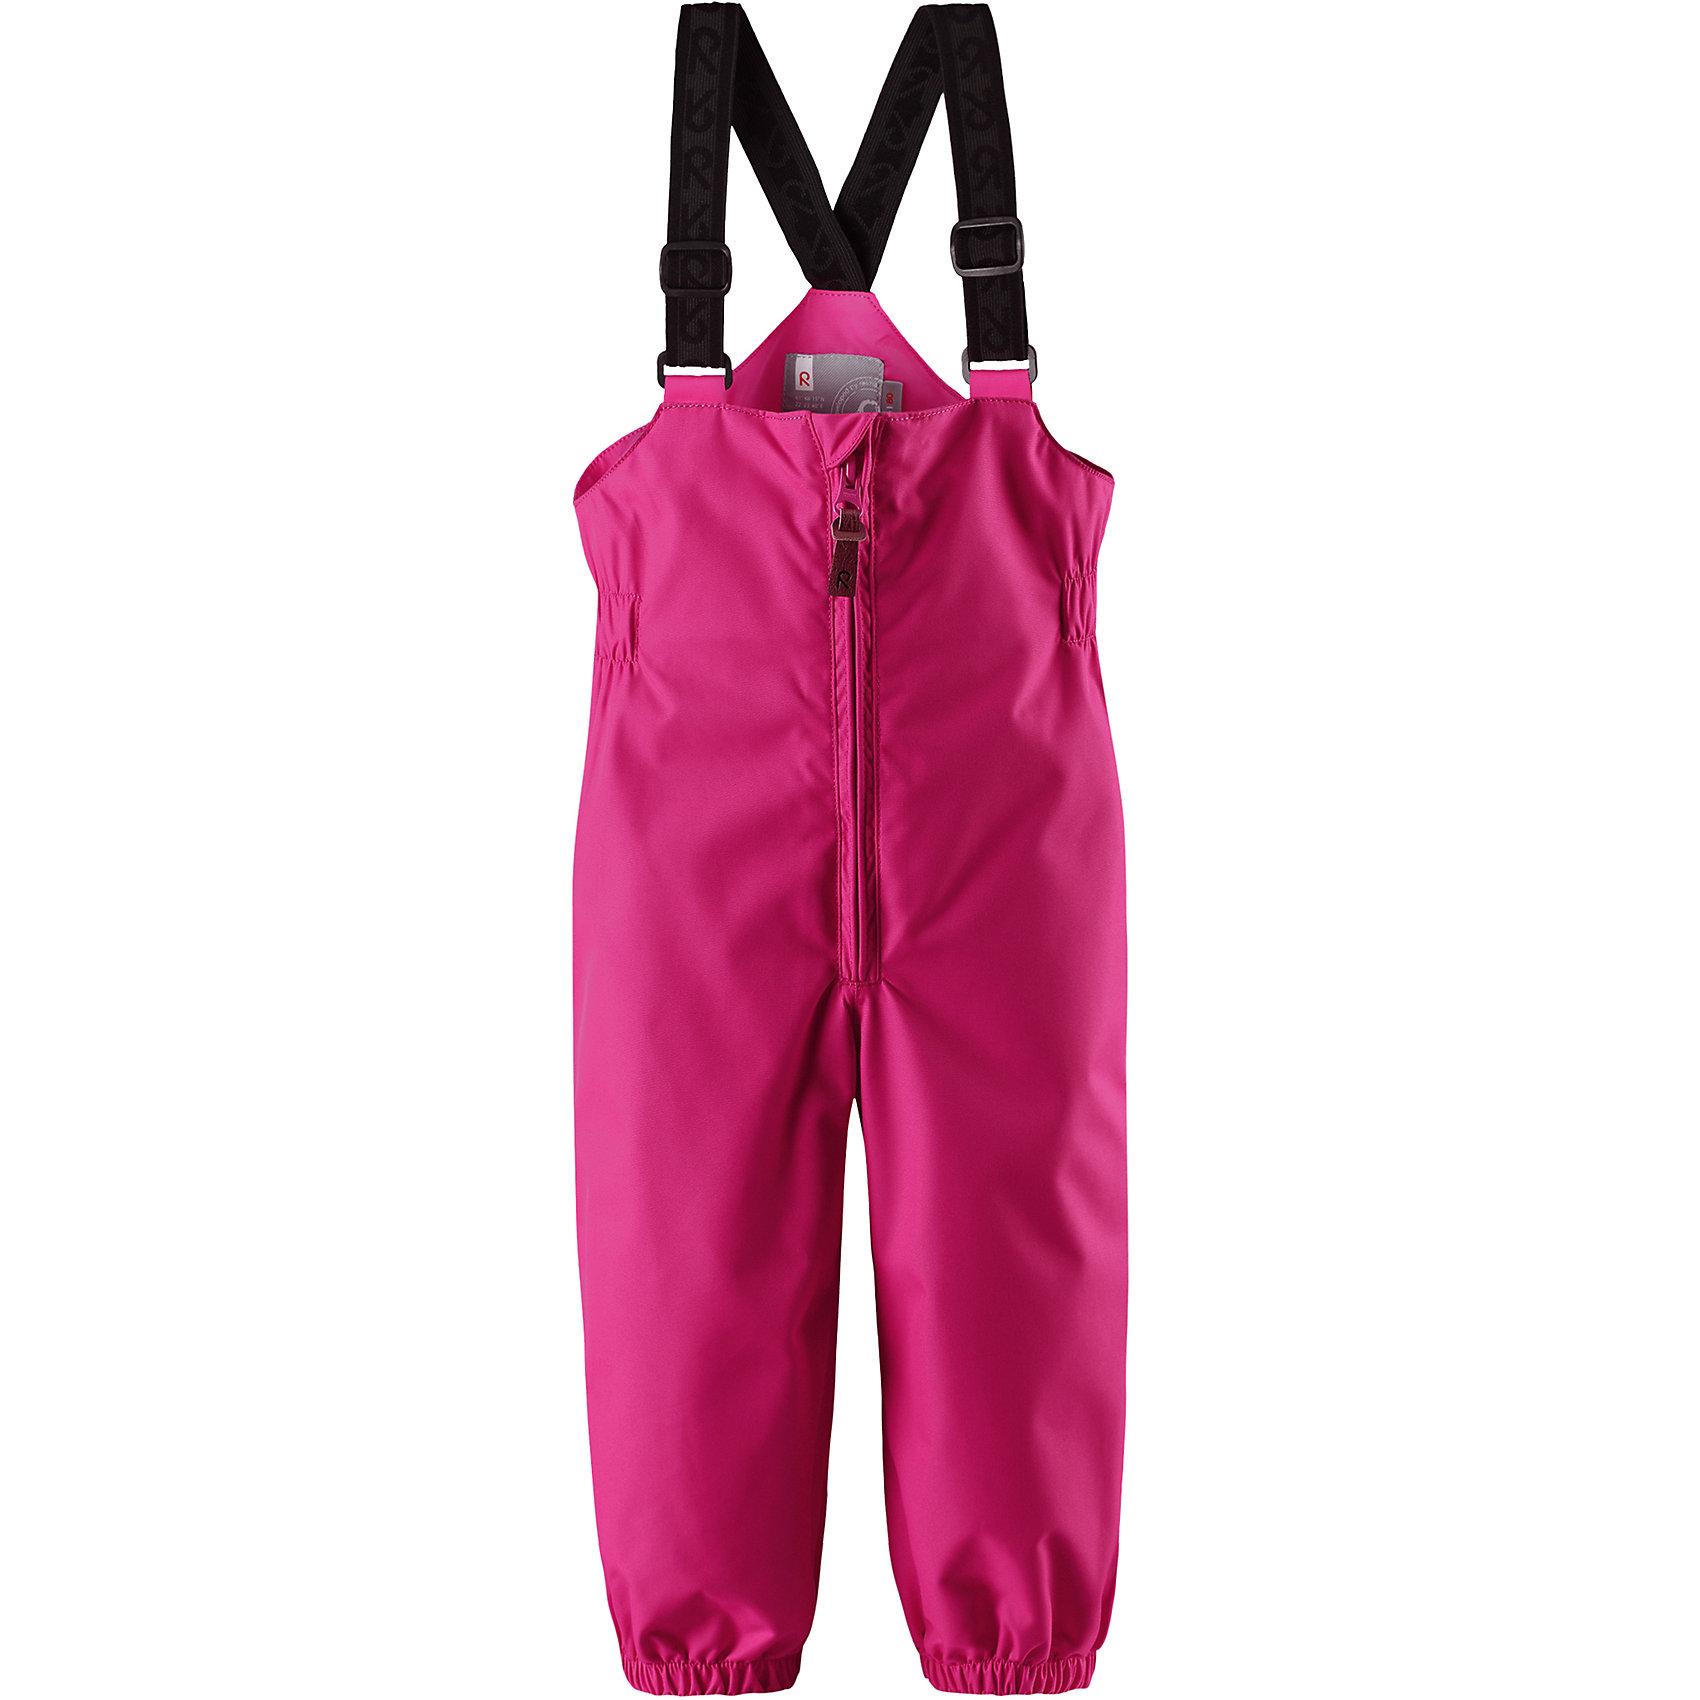 Брюки Erft для девочки Reimatec® ReimaОдежда<br>Характеристики товара:<br><br>• цвет: розовый<br>• состав: 100% полиэстер, полиуретановое покрытие<br>• температурный режим: от +5°до +15°С<br>• водонепроницаемость: 8000 мм<br>• воздухопроницаемость: 5000 мм<br>• износостойкость: 30000 циклов (тест Мартиндейла)<br>• без утеплителя<br>• основые швы проклеены, водонепроницаемы<br>• водоотталкивающий, ветронепроницаемый, дышащий и водонепроницаемый материал<br>• гладкая подкладка из полиэстера<br>• высокая талия с регулируемыми подтяжками<br>• эластичные манжеты на брючинах<br>• эластичные съёмные штрипки<br>• комфортная посадка<br>• ширинка на молнии<br>• светоотражающие детали<br>• страна производства: Китай<br>• страна бренда: Финляндия<br>• коллекция: весна-лето 2017<br><br>Демисезонные брюки помогут обеспечить ребенку комфорт и тепло. Они отлично смотрятся с различным верхом. Изделие удобно сидит и модно выглядит. Материал отлично подходит для дождливой погоды. Стильный дизайн разрабатывался специально для детей.<br><br>Обувь и одежда от финского бренда Reima пользуются популярностью во многих странах. Они стильные, качественные и удобные. Для производства продукции используются только безопасные, проверенные материалы и фурнитура.<br><br>Брюки Reimatec® от финского бренда Reima (Рейма) можно купить в нашем интернет-магазине.<br><br>Ширина мм: 215<br>Глубина мм: 88<br>Высота мм: 191<br>Вес г: 336<br>Цвет: розовый<br>Возраст от месяцев: 12<br>Возраст до месяцев: 18<br>Пол: Женский<br>Возраст: Детский<br>Размер: 86,80,92,98,74<br>SKU: 5265484